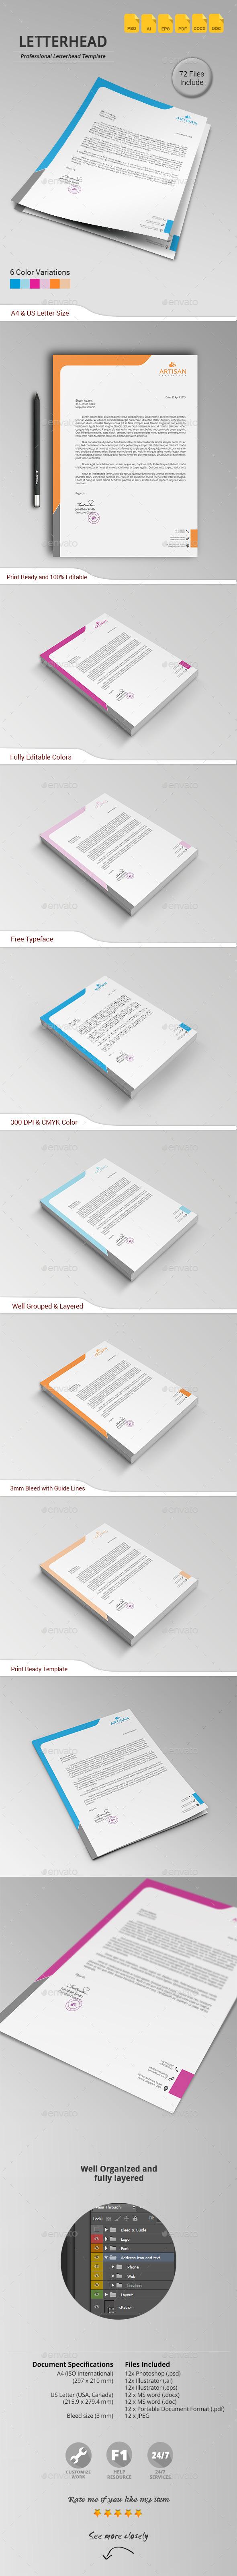 GraphicRiver Letterhead 11173155